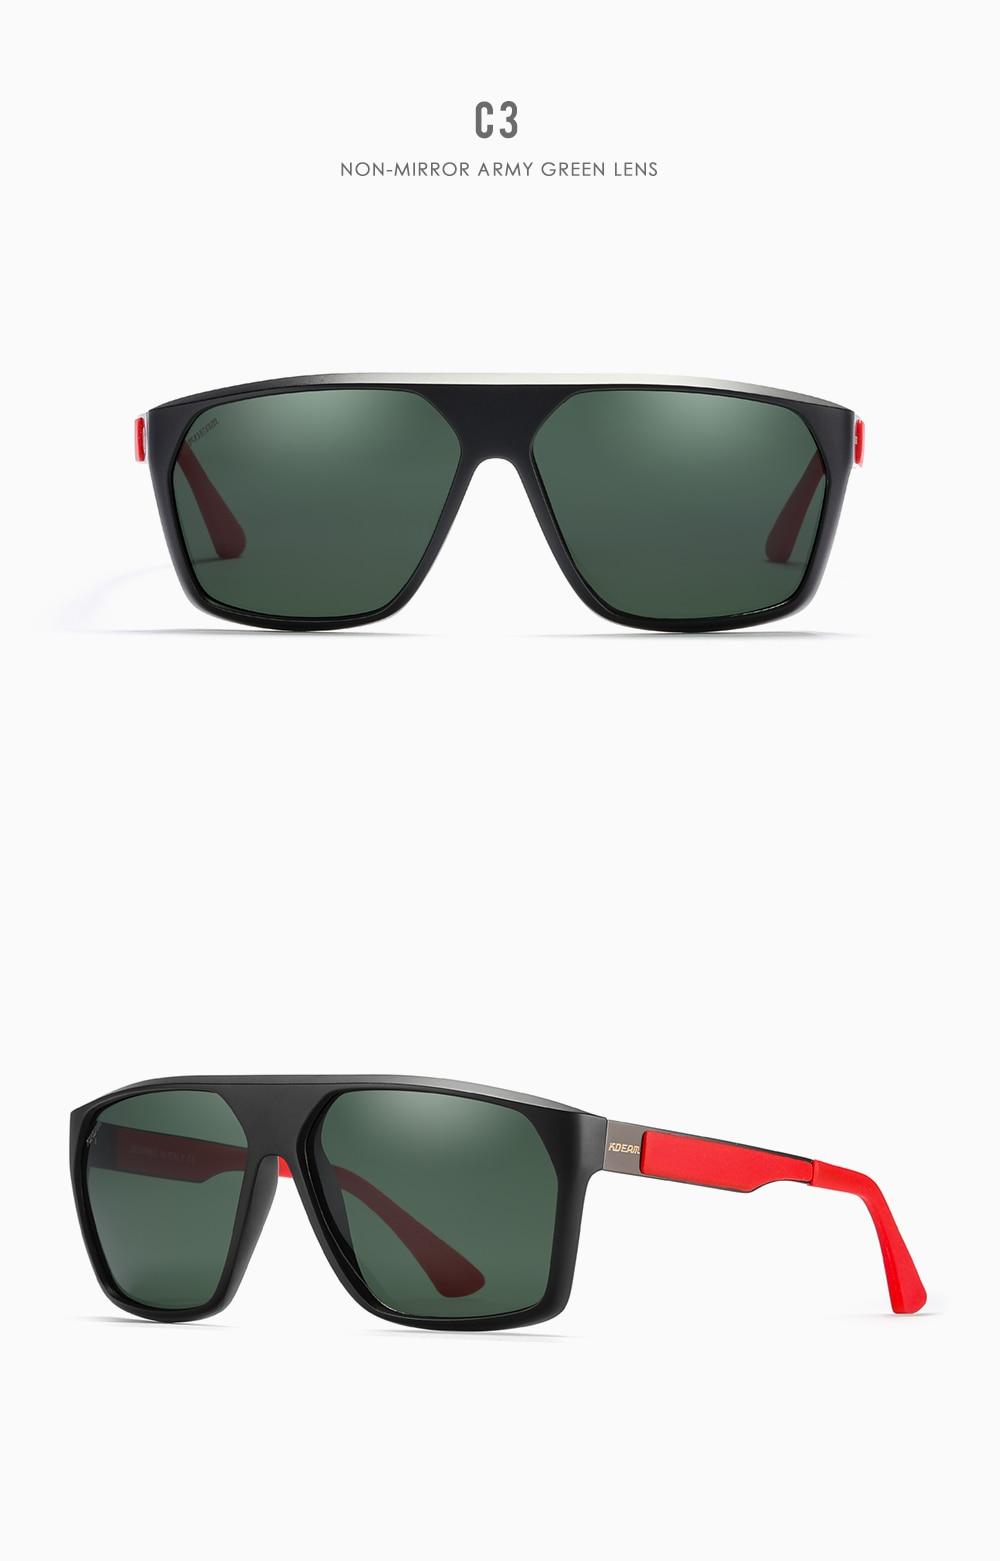 Polarized Sunglasses Cutting Angle